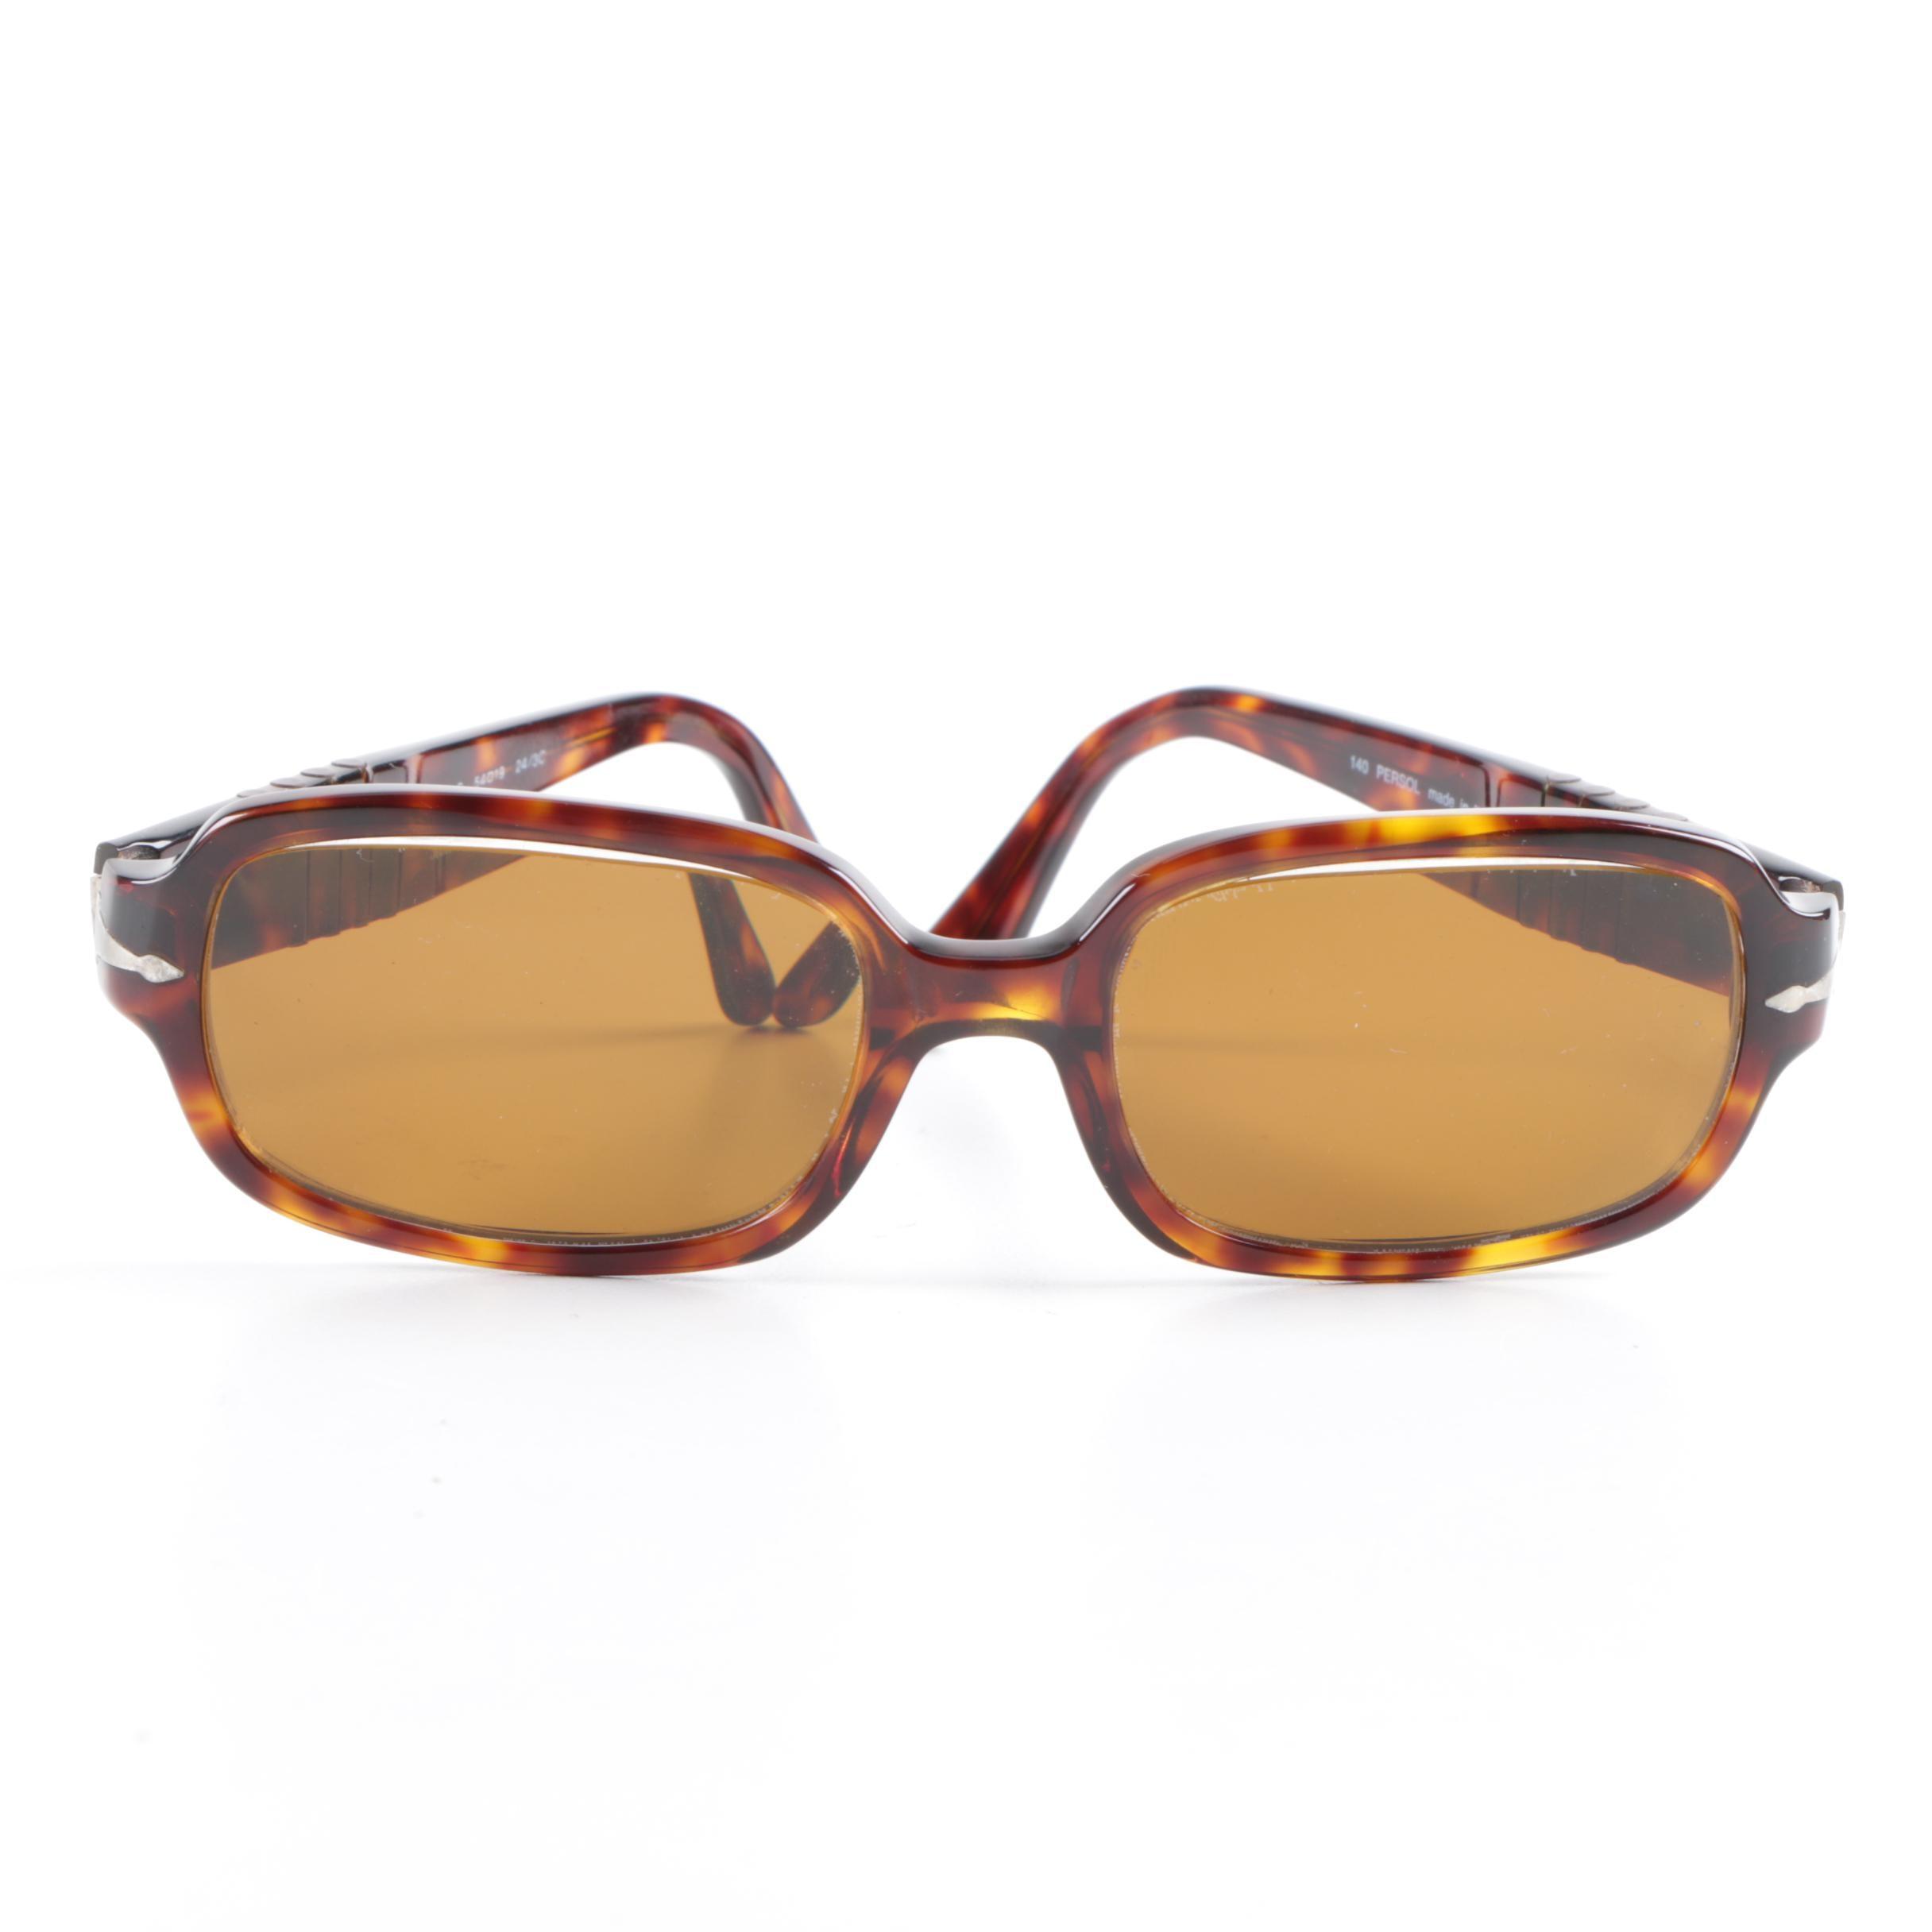 1980s Vintage Persol 2658 Tortoiseshell Style Sunglasses